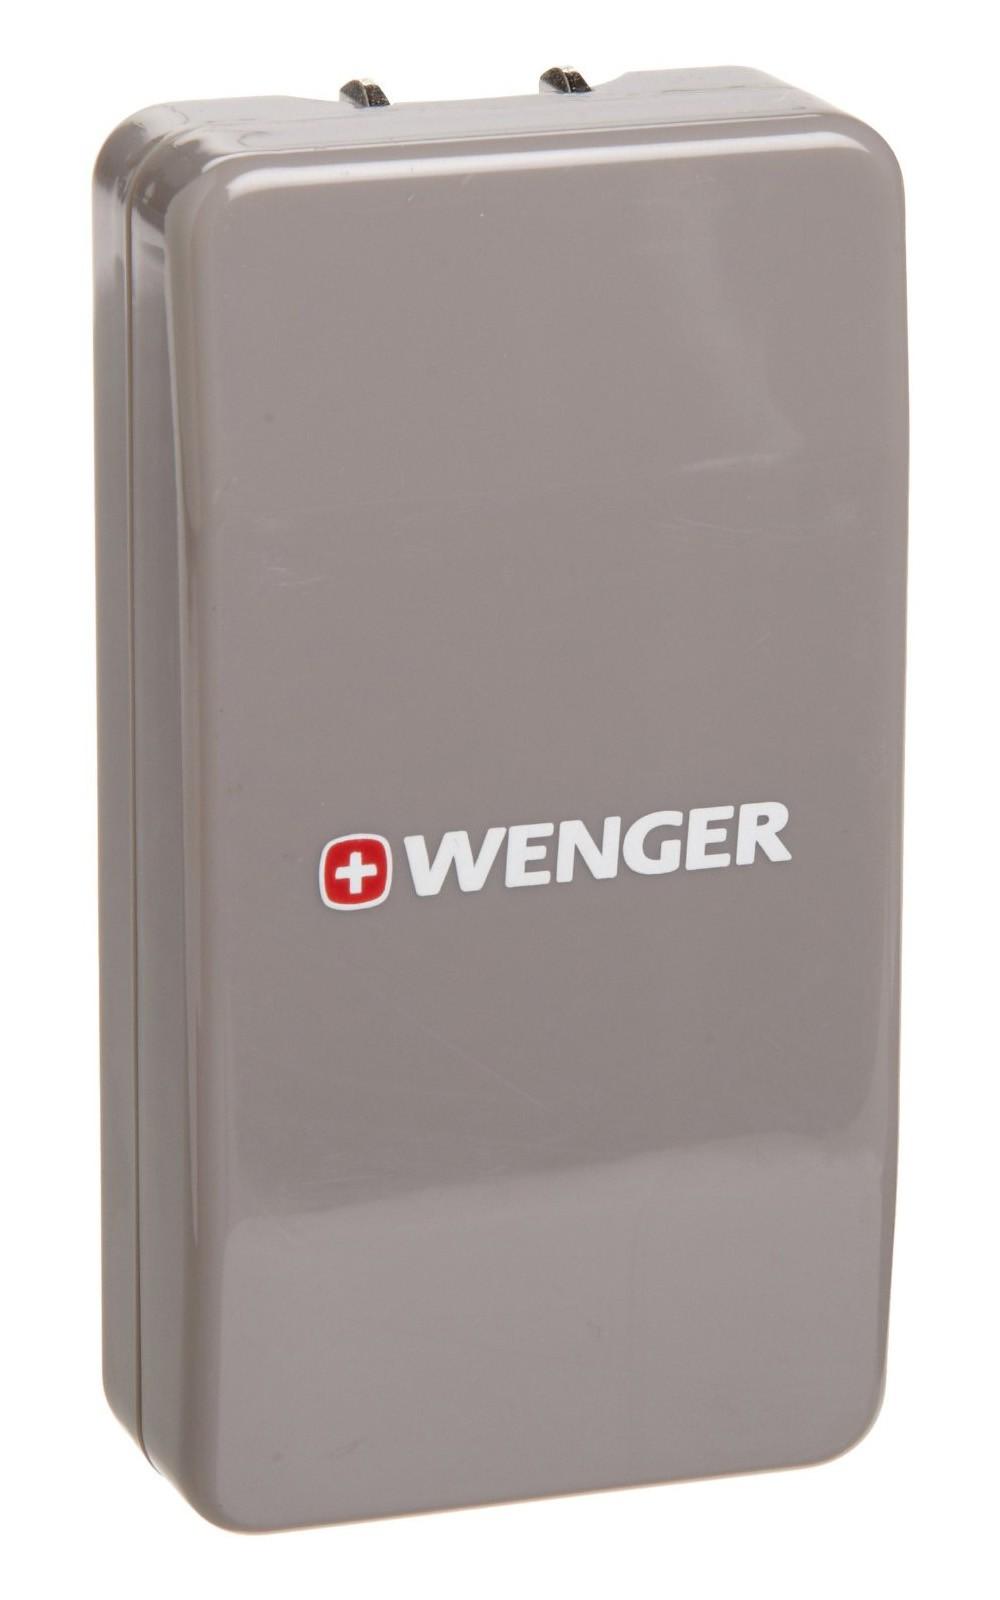 Wenger Dual Port USB Plug